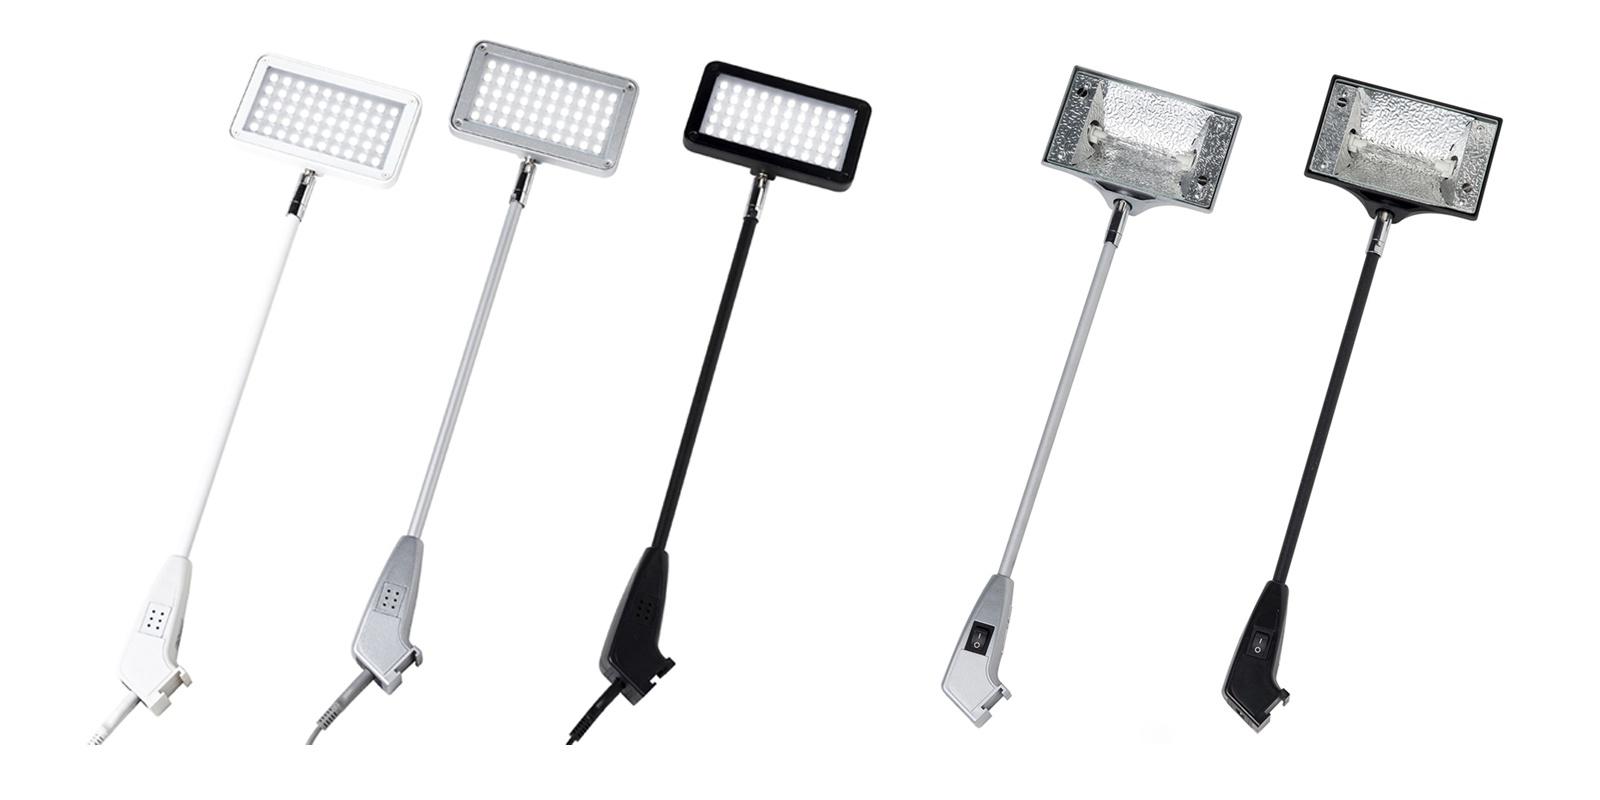 Lampy targowe, Oświetlenie targowe, Oświetlenie wystawiennicze